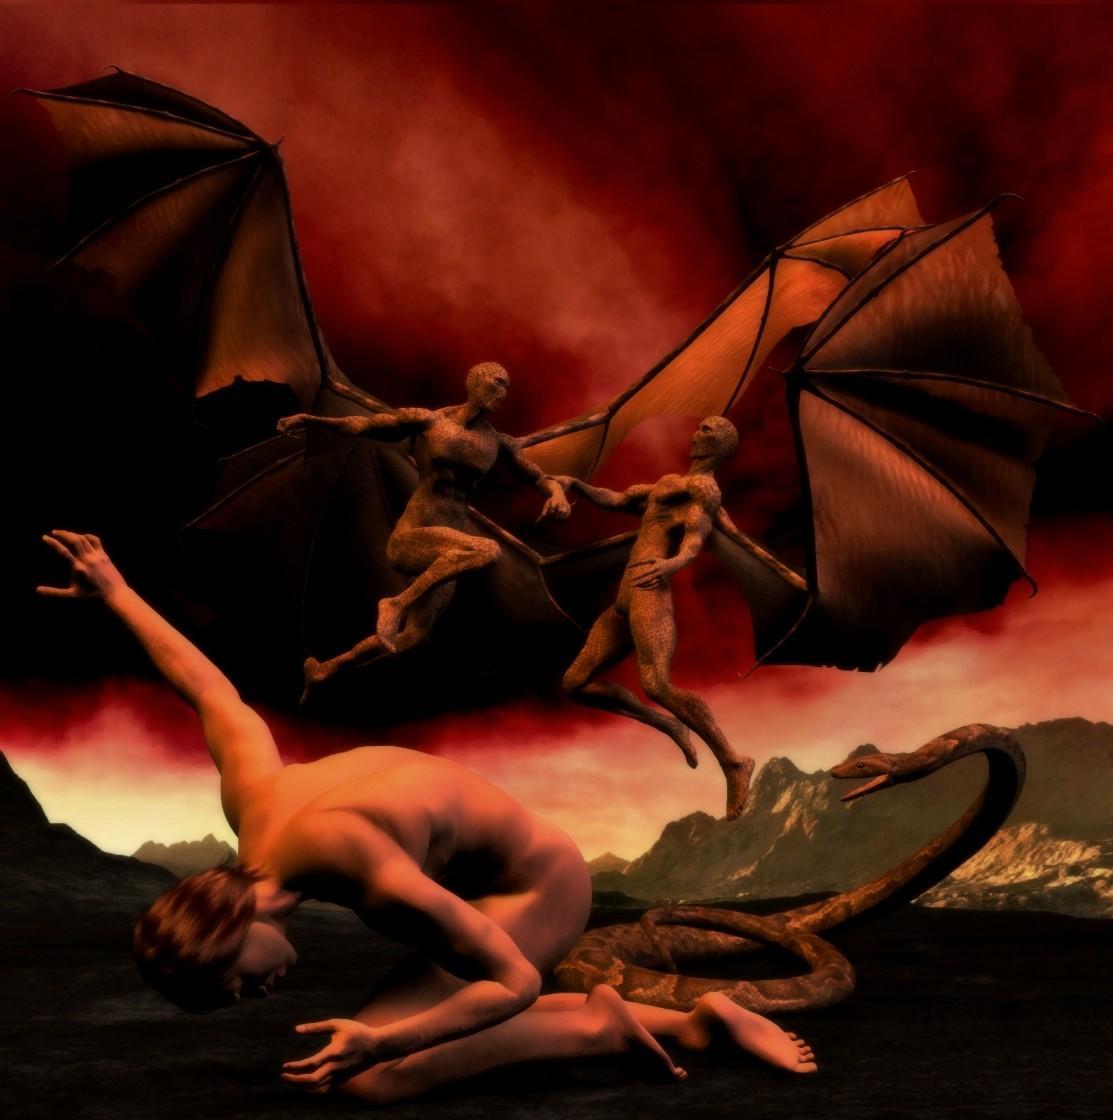 Ο πόλεμος και η απάτη που χρησιμοποιεί ο διάβολος για εκείνους που κρατάει στην υπηρεσία της αμαρτίας